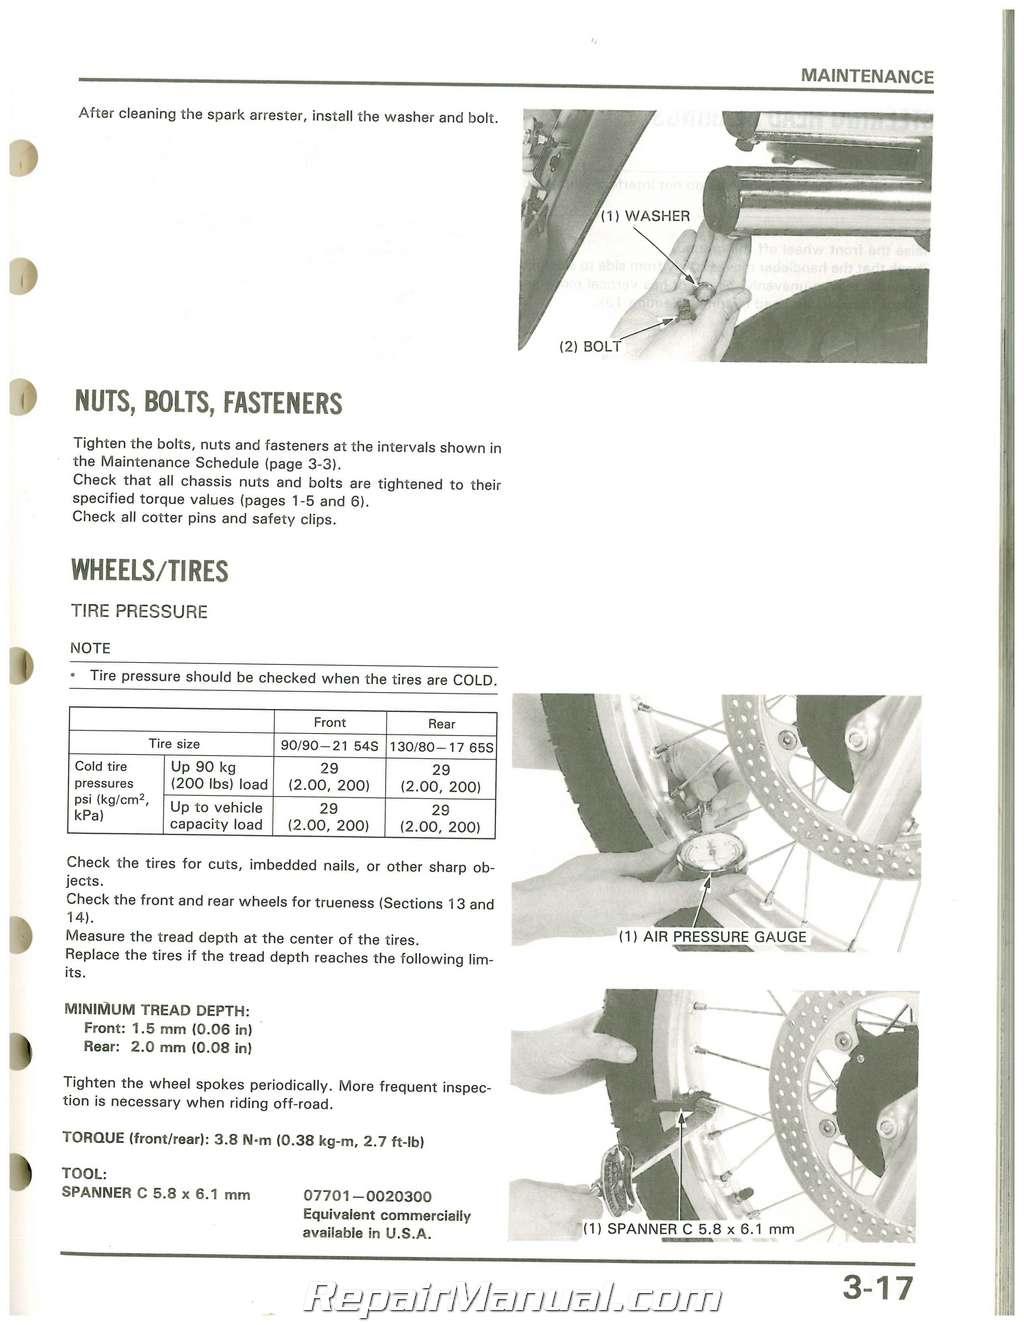 trane xl 1200 service manual